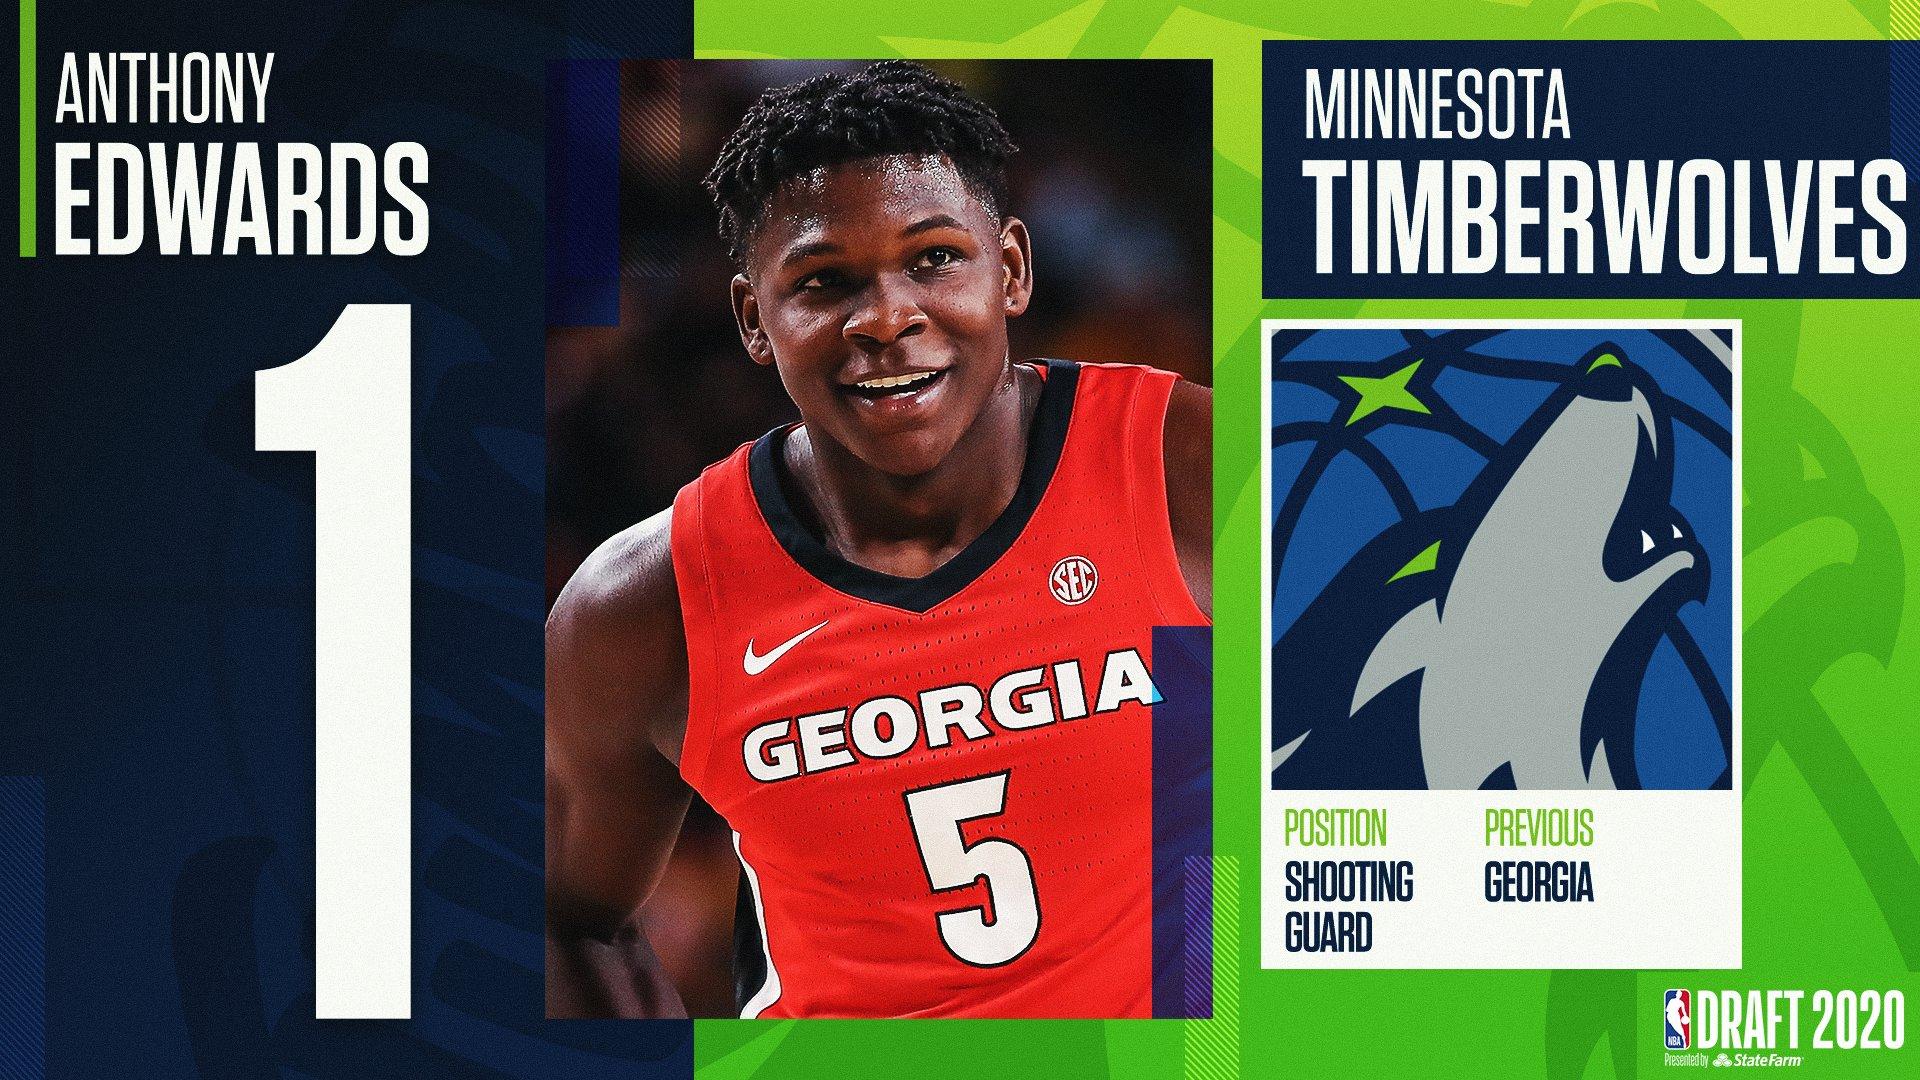 Se llevó adelante el draft universitario de la NBA de cara a la próxima temporada